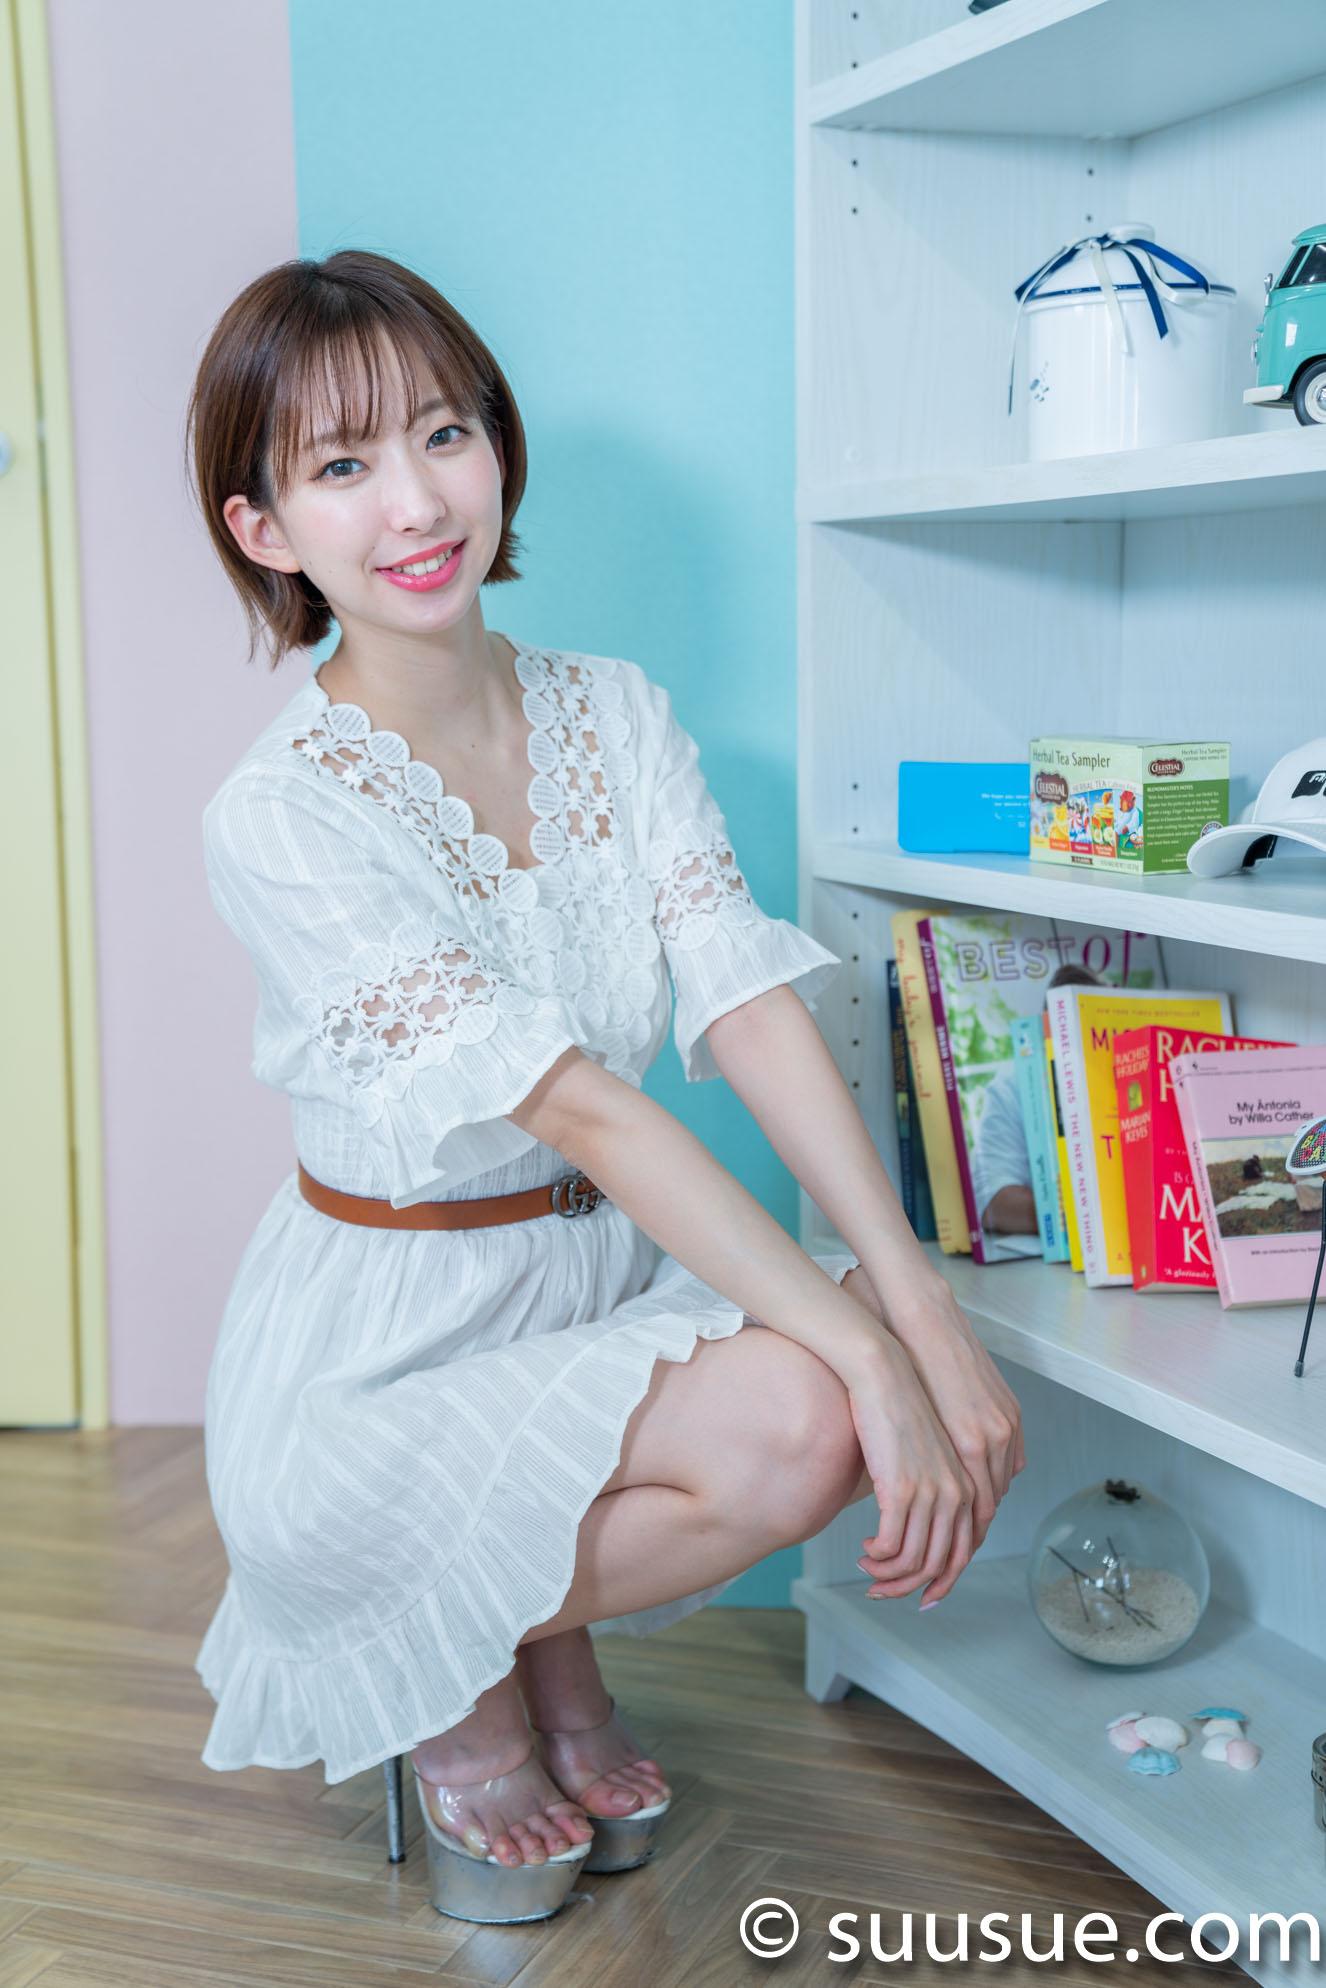 村上楓 2019/05/19 NewType撮影会 スタジオAxio